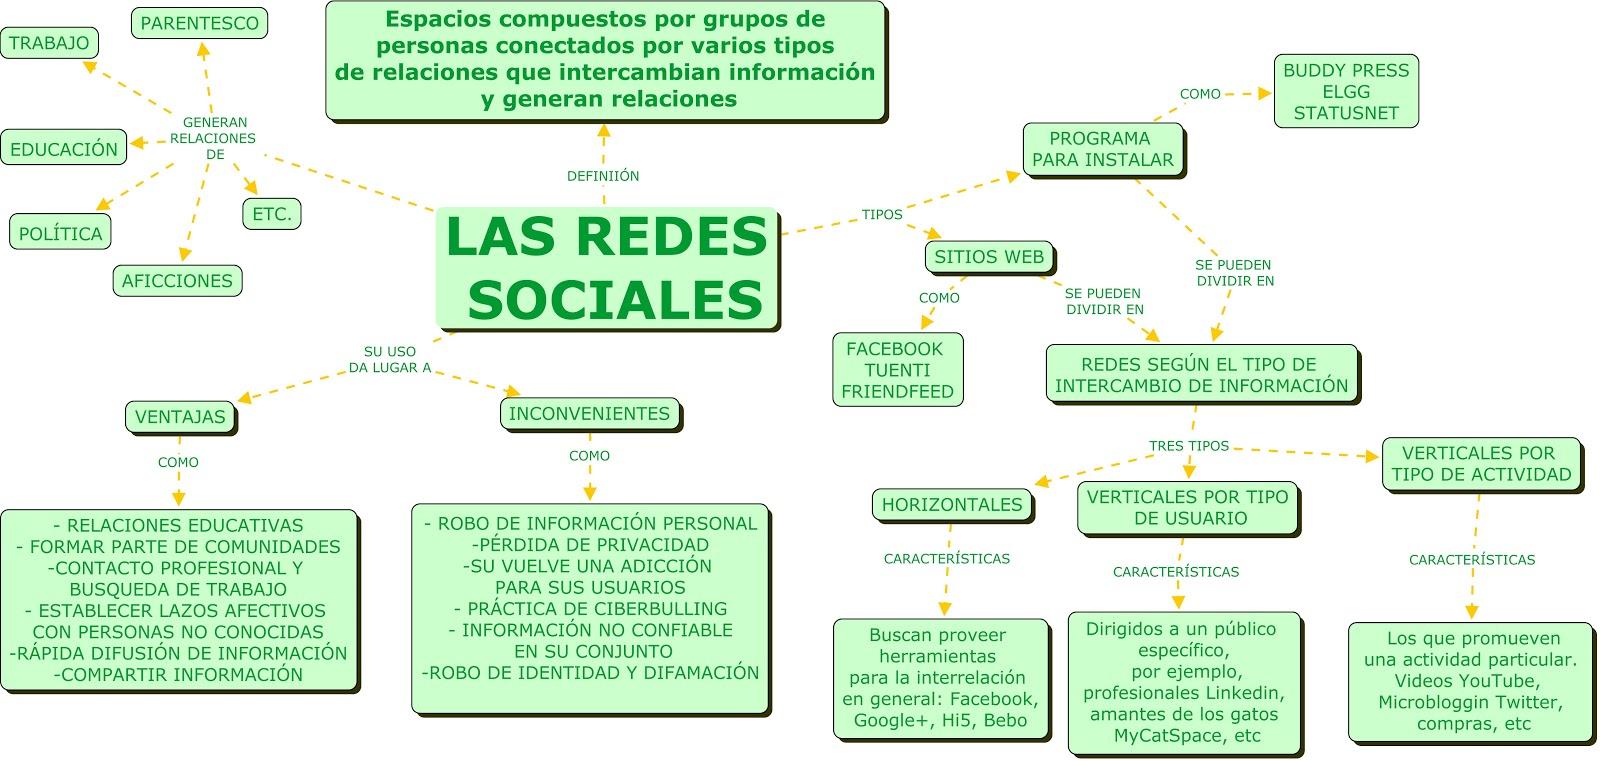 Pedagogía Y Las Nntt Mapa Conceptual De Las Redes Sociales